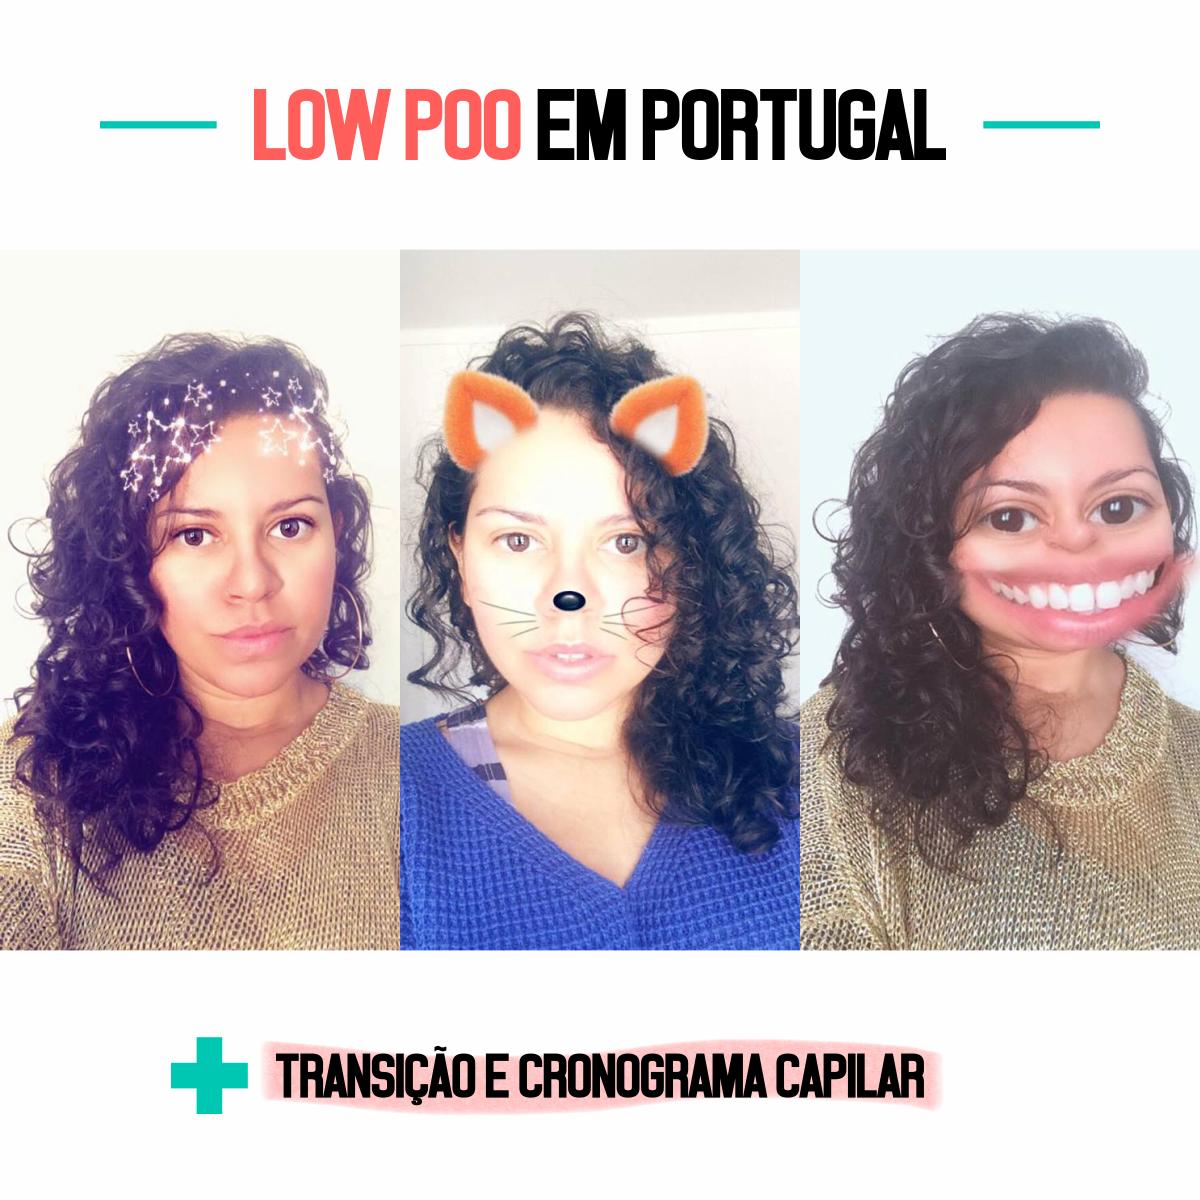 Low Poo em Portugal + Transição e Cronograma Capilar